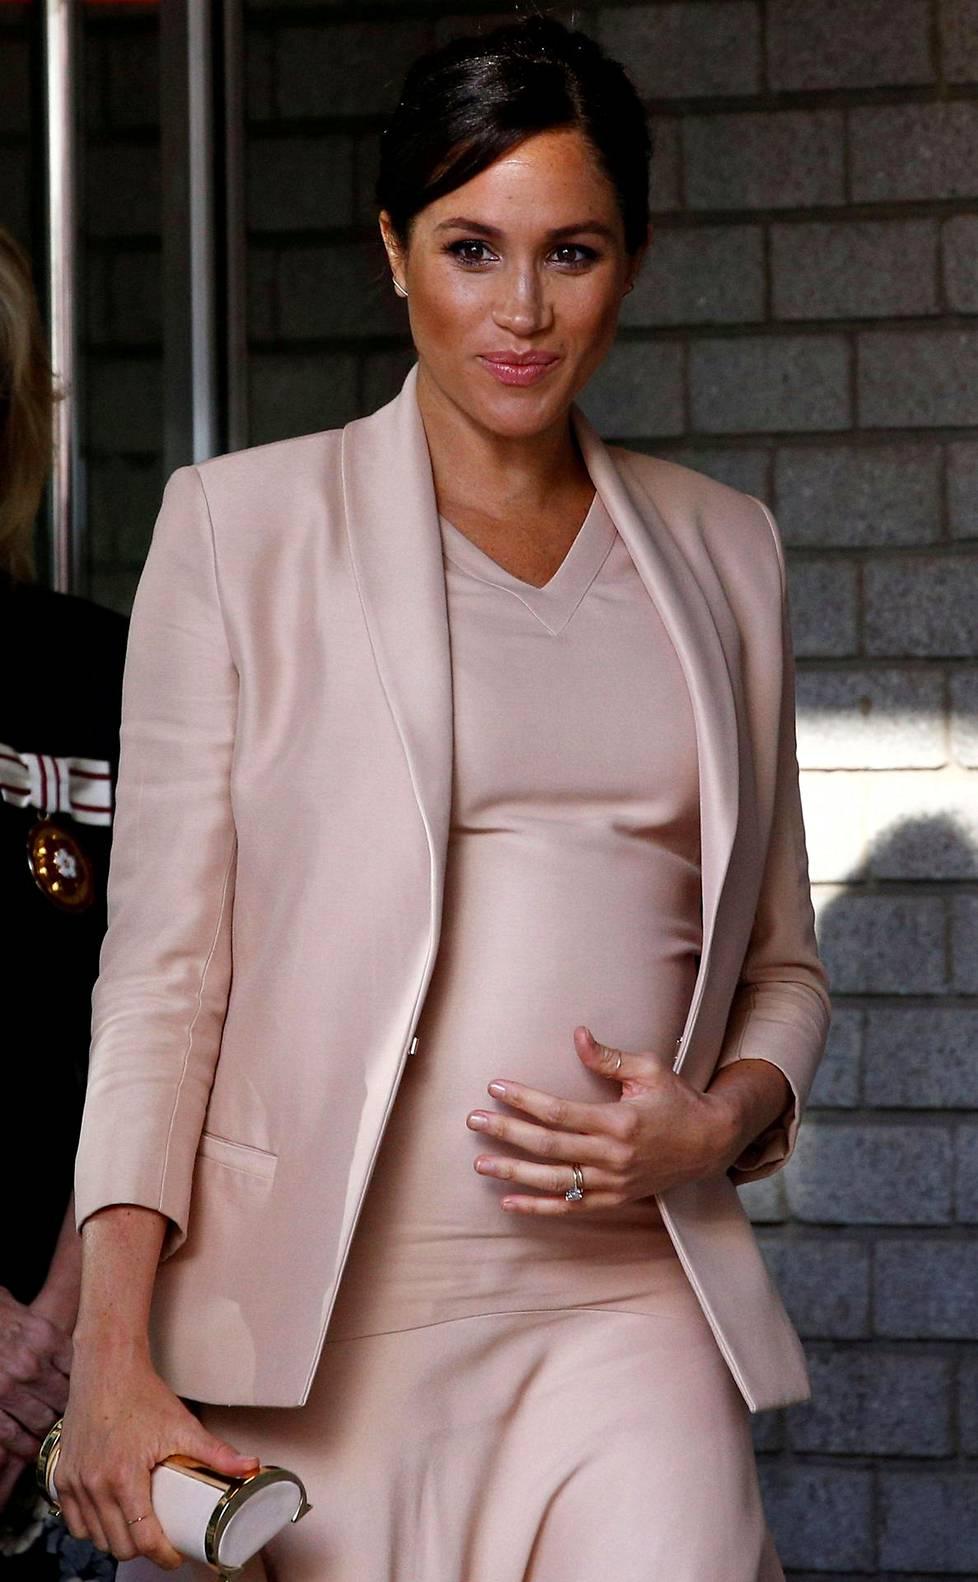 Meghanin ja Harryn vauva on odotettu tulokas.